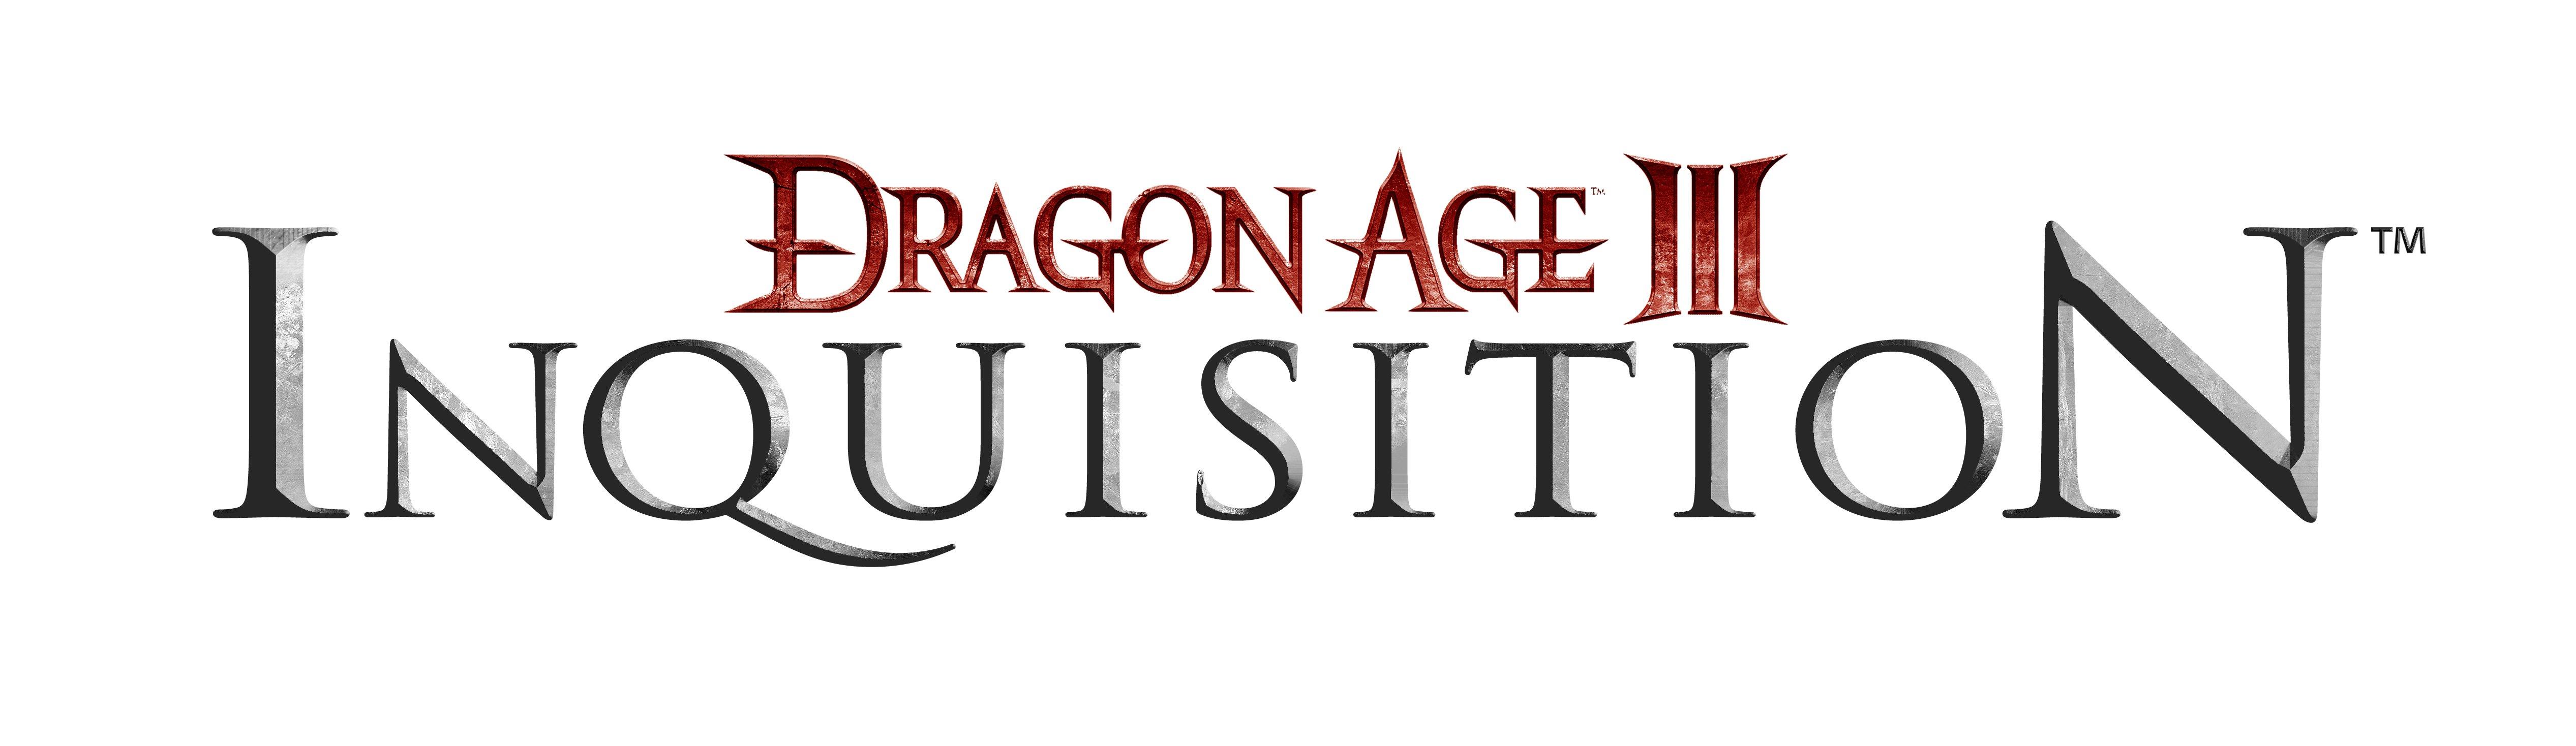 Изменилась дата релиза Dragon Age: Инквизиция, новый срок выхода: 18 ноября 2014 года.. - Изображение 1